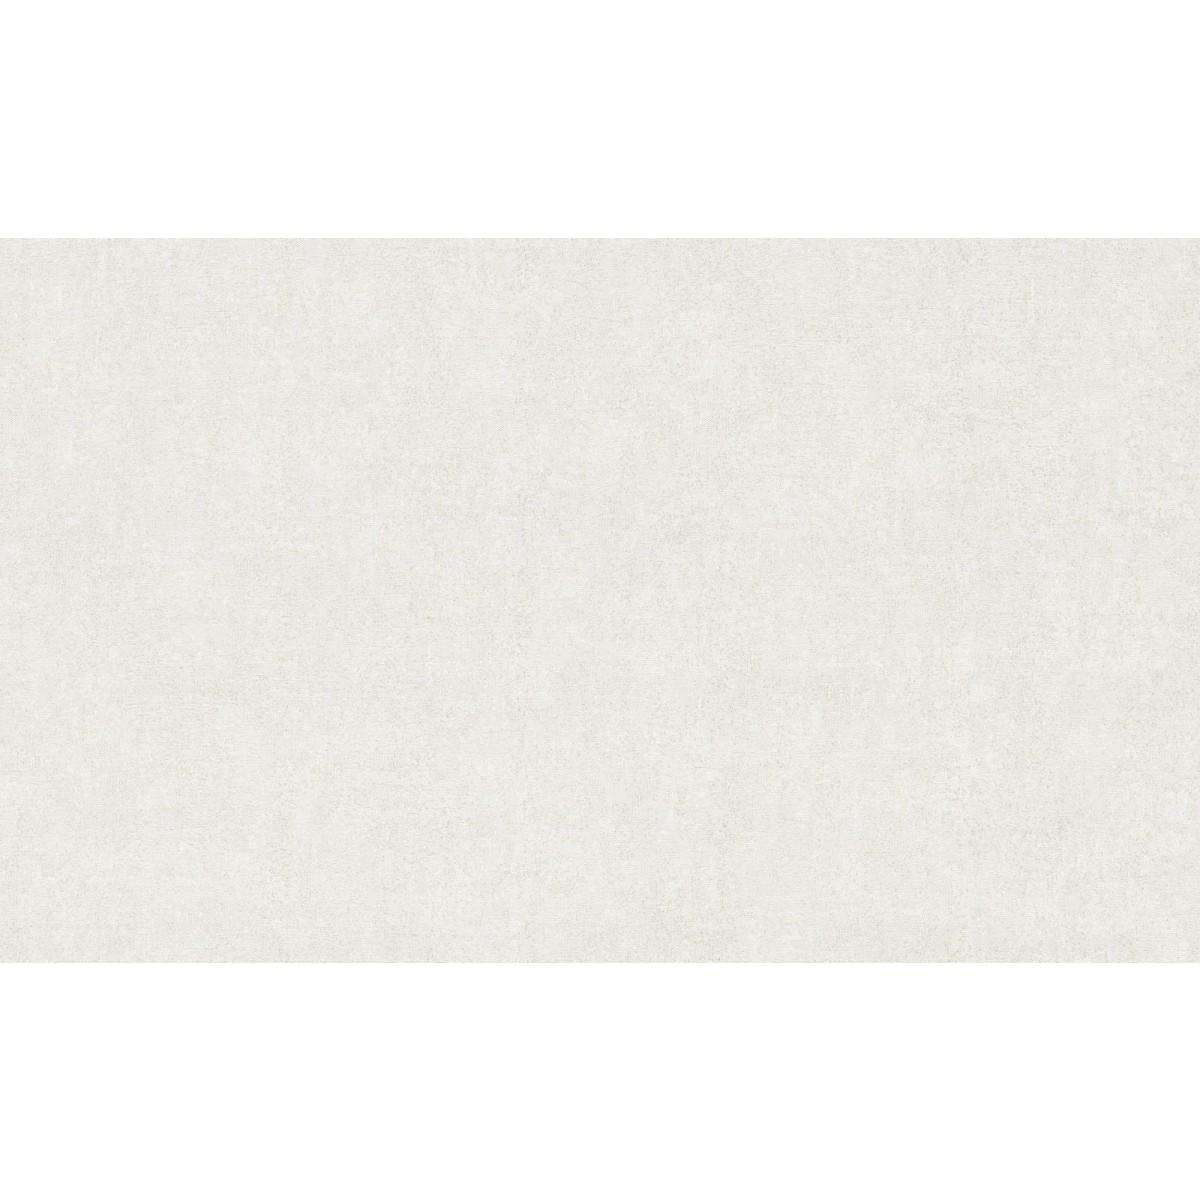 Обои флизелиновые Startdeco Бартоломео бежевые 1.06 м 888646